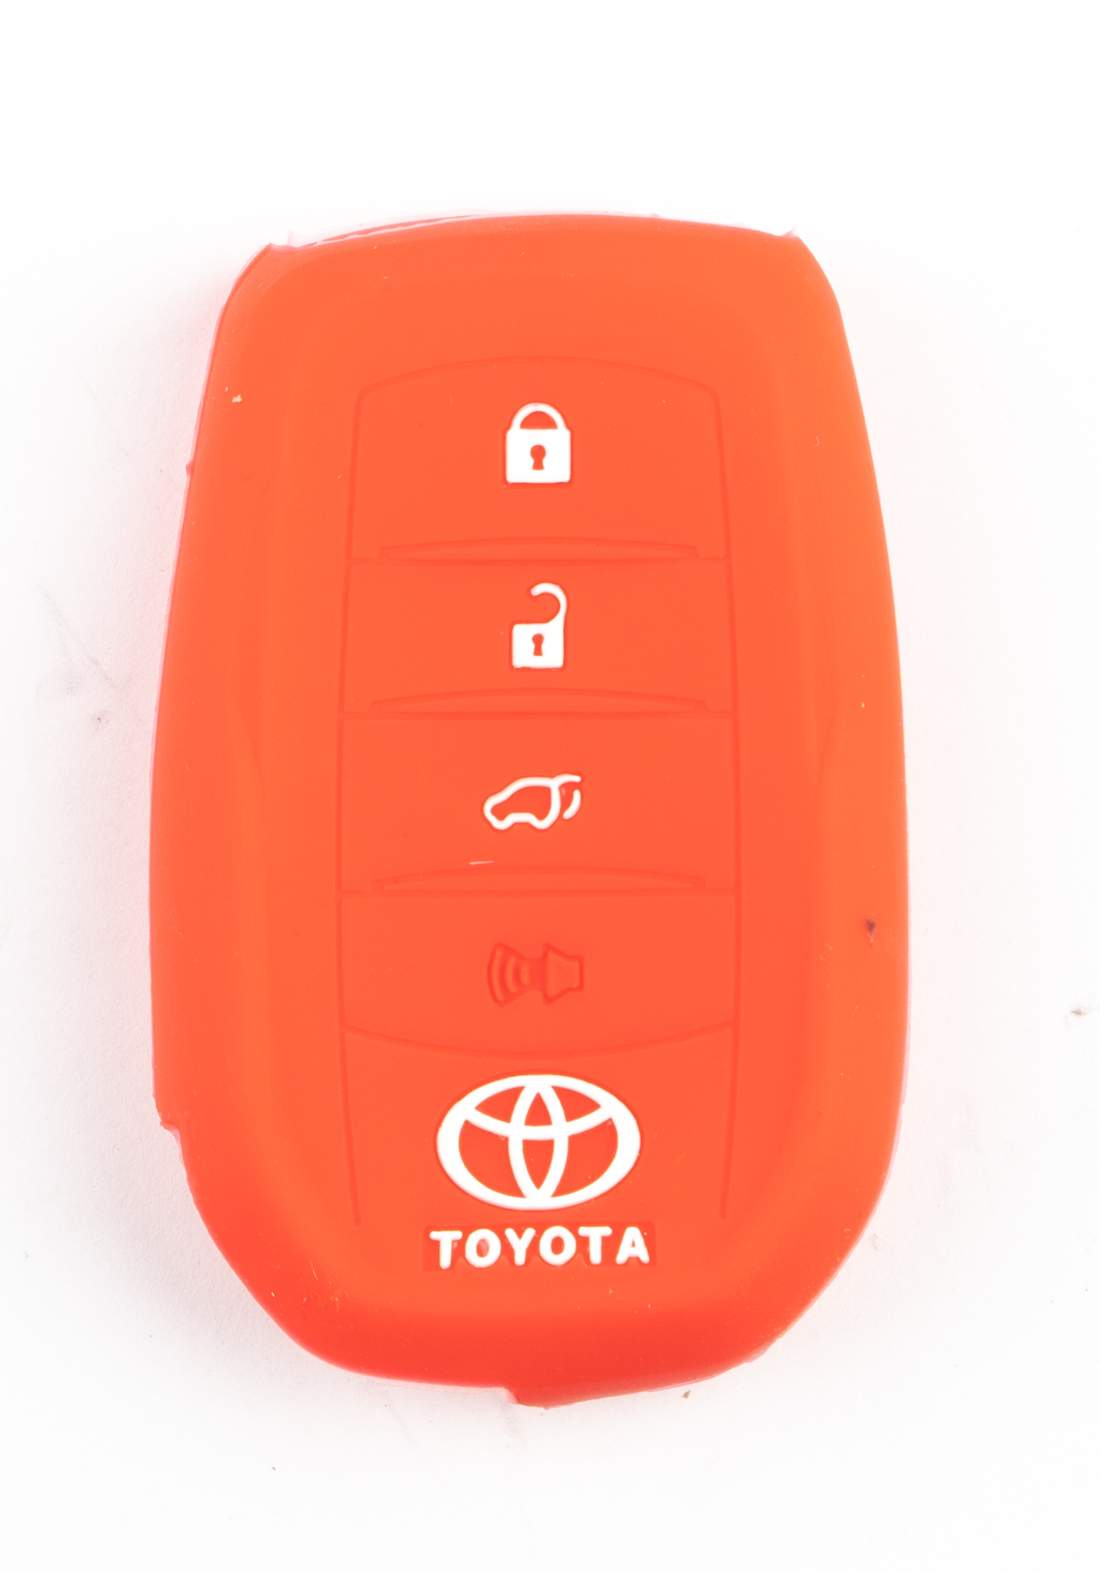 غلاف مفتاح سيارة ذكي (بصمة)  تويوتا احمر اللون